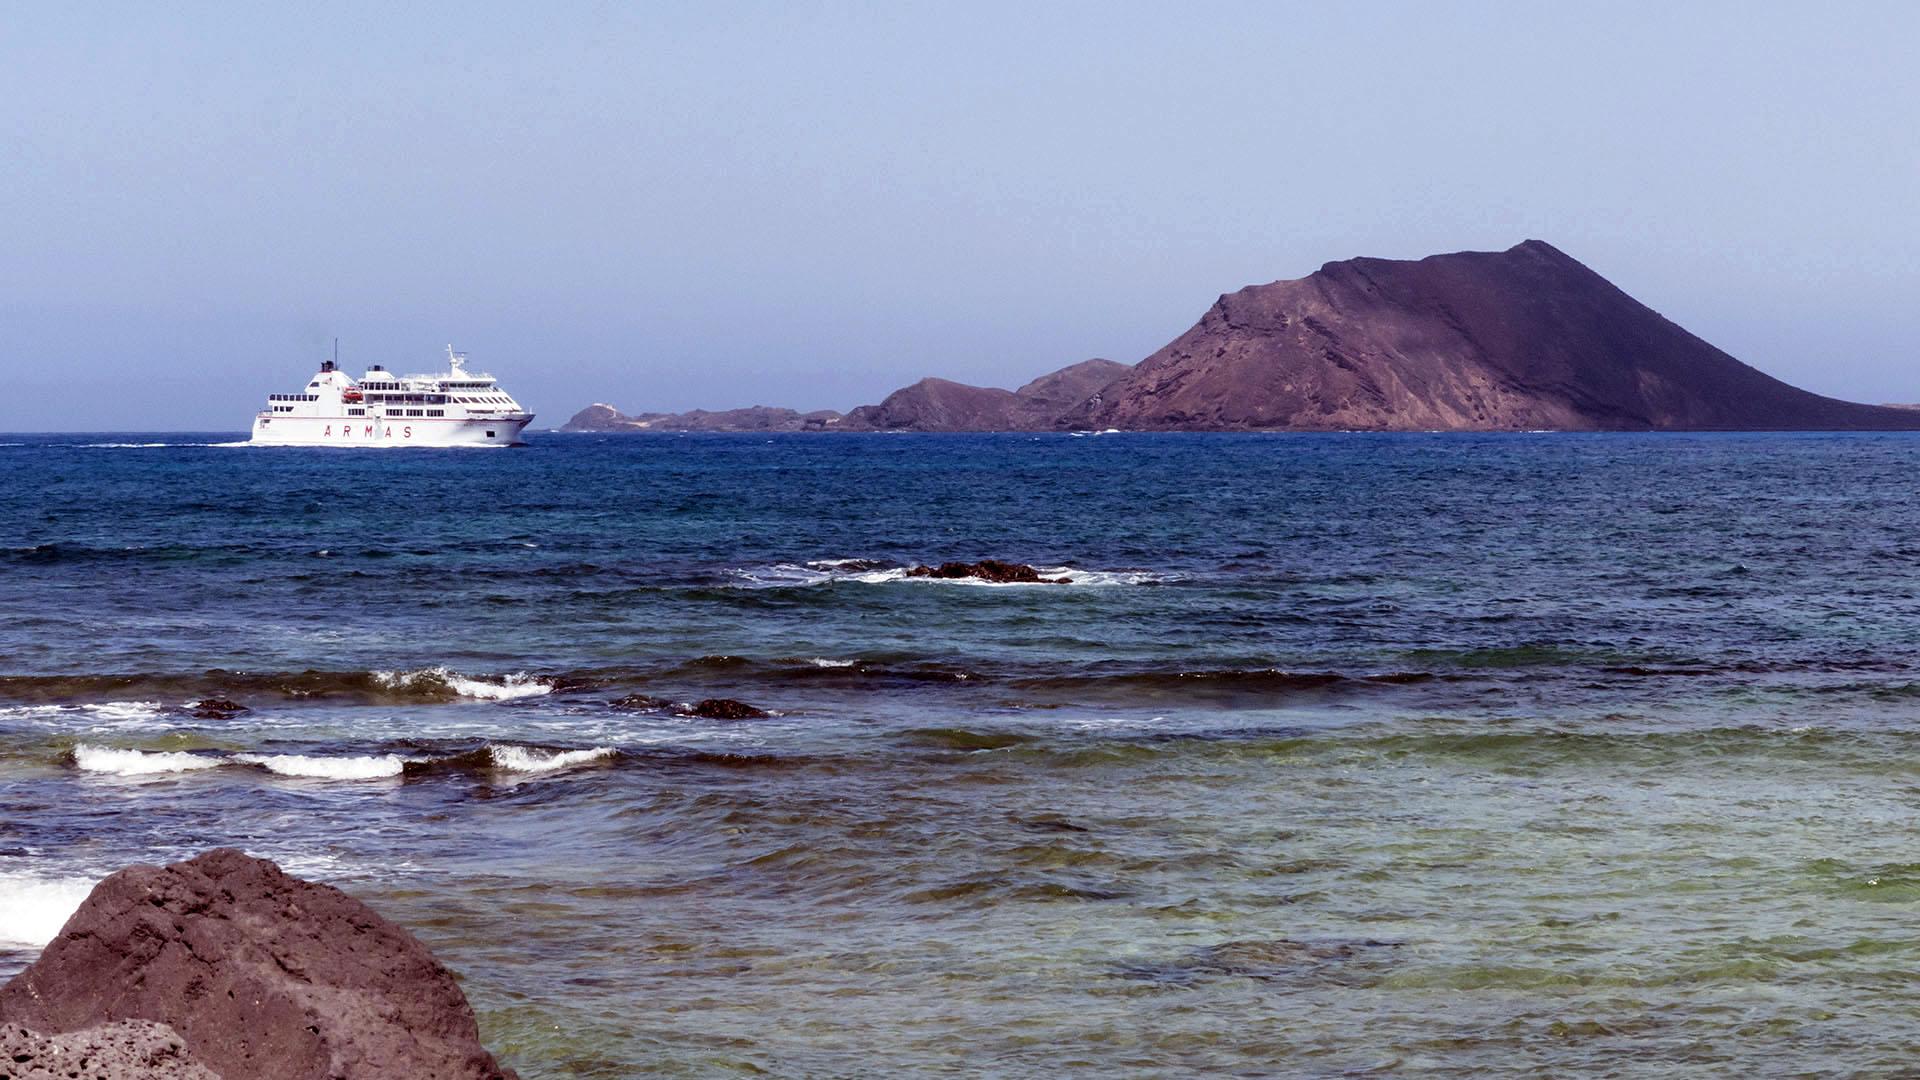 Montaña de la Caldera Isla de Lobos Fuerteventura.